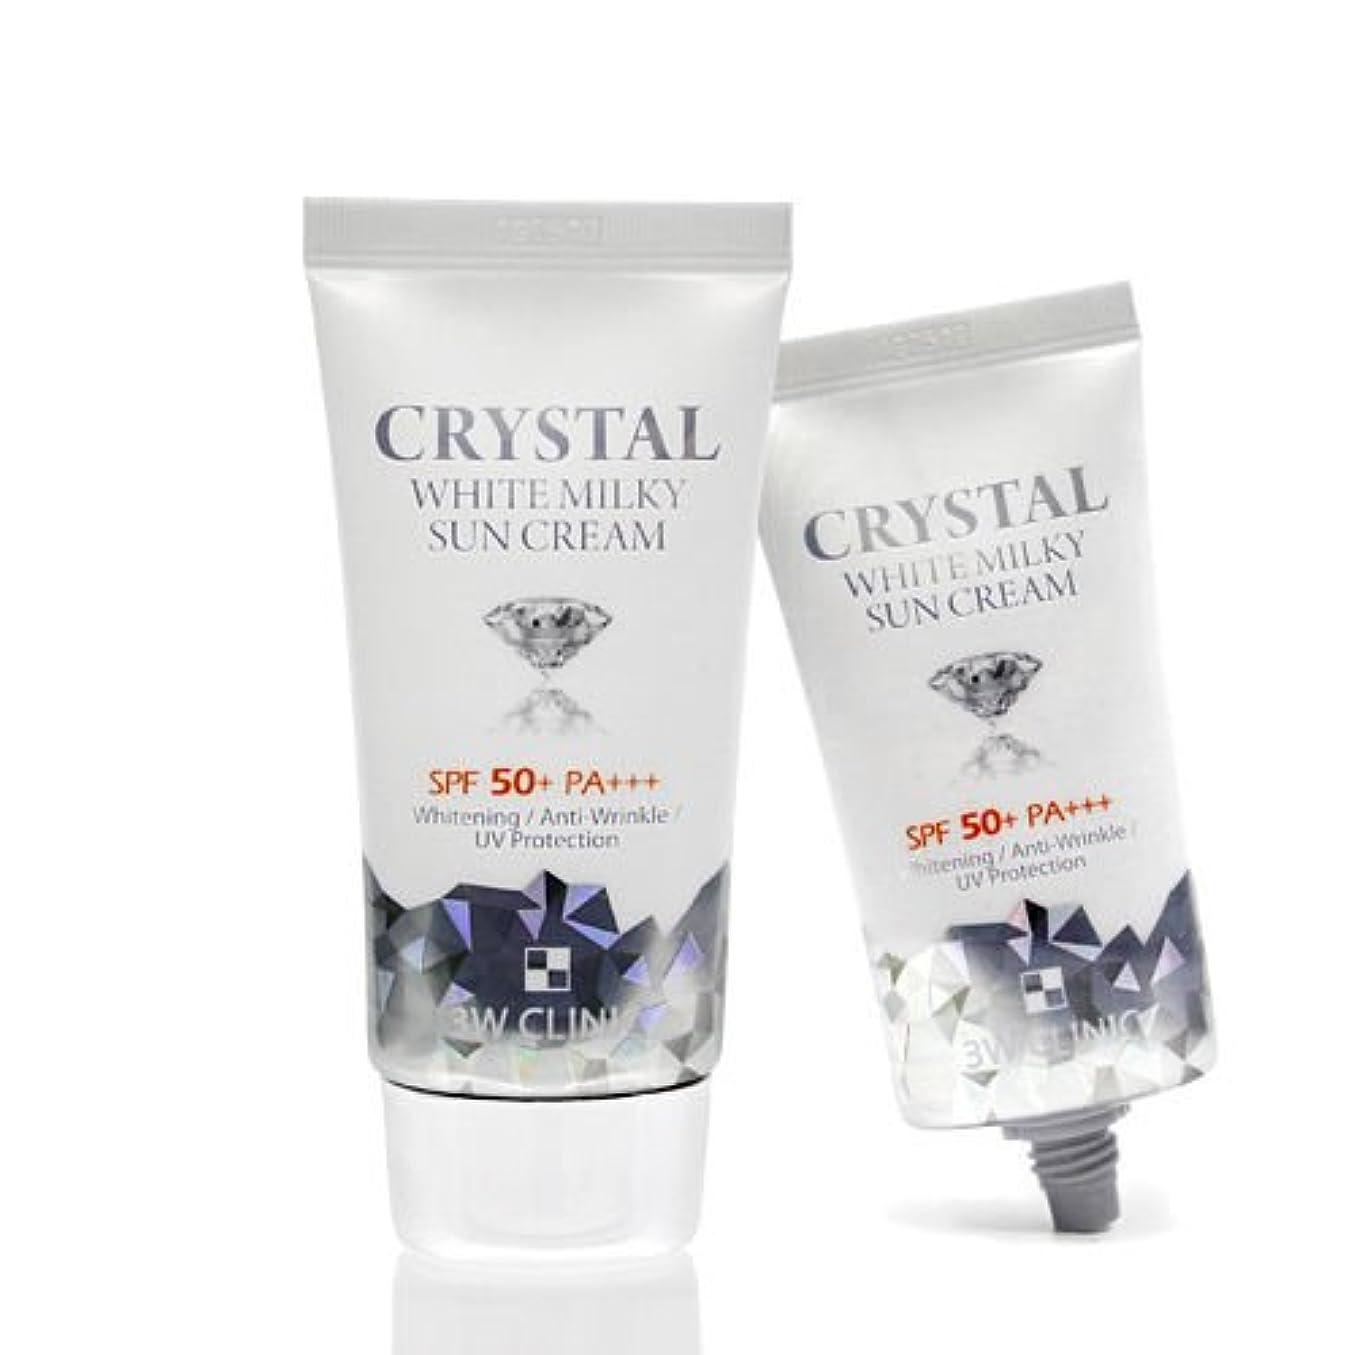 ウェーハ最後に内部3Wクリニック[韓国コスメ3w Clinic]Crystal White Milky Sun Cream クリスタルホワイトミルキー 日焼け止めクリーム50ml[並行輸入品]